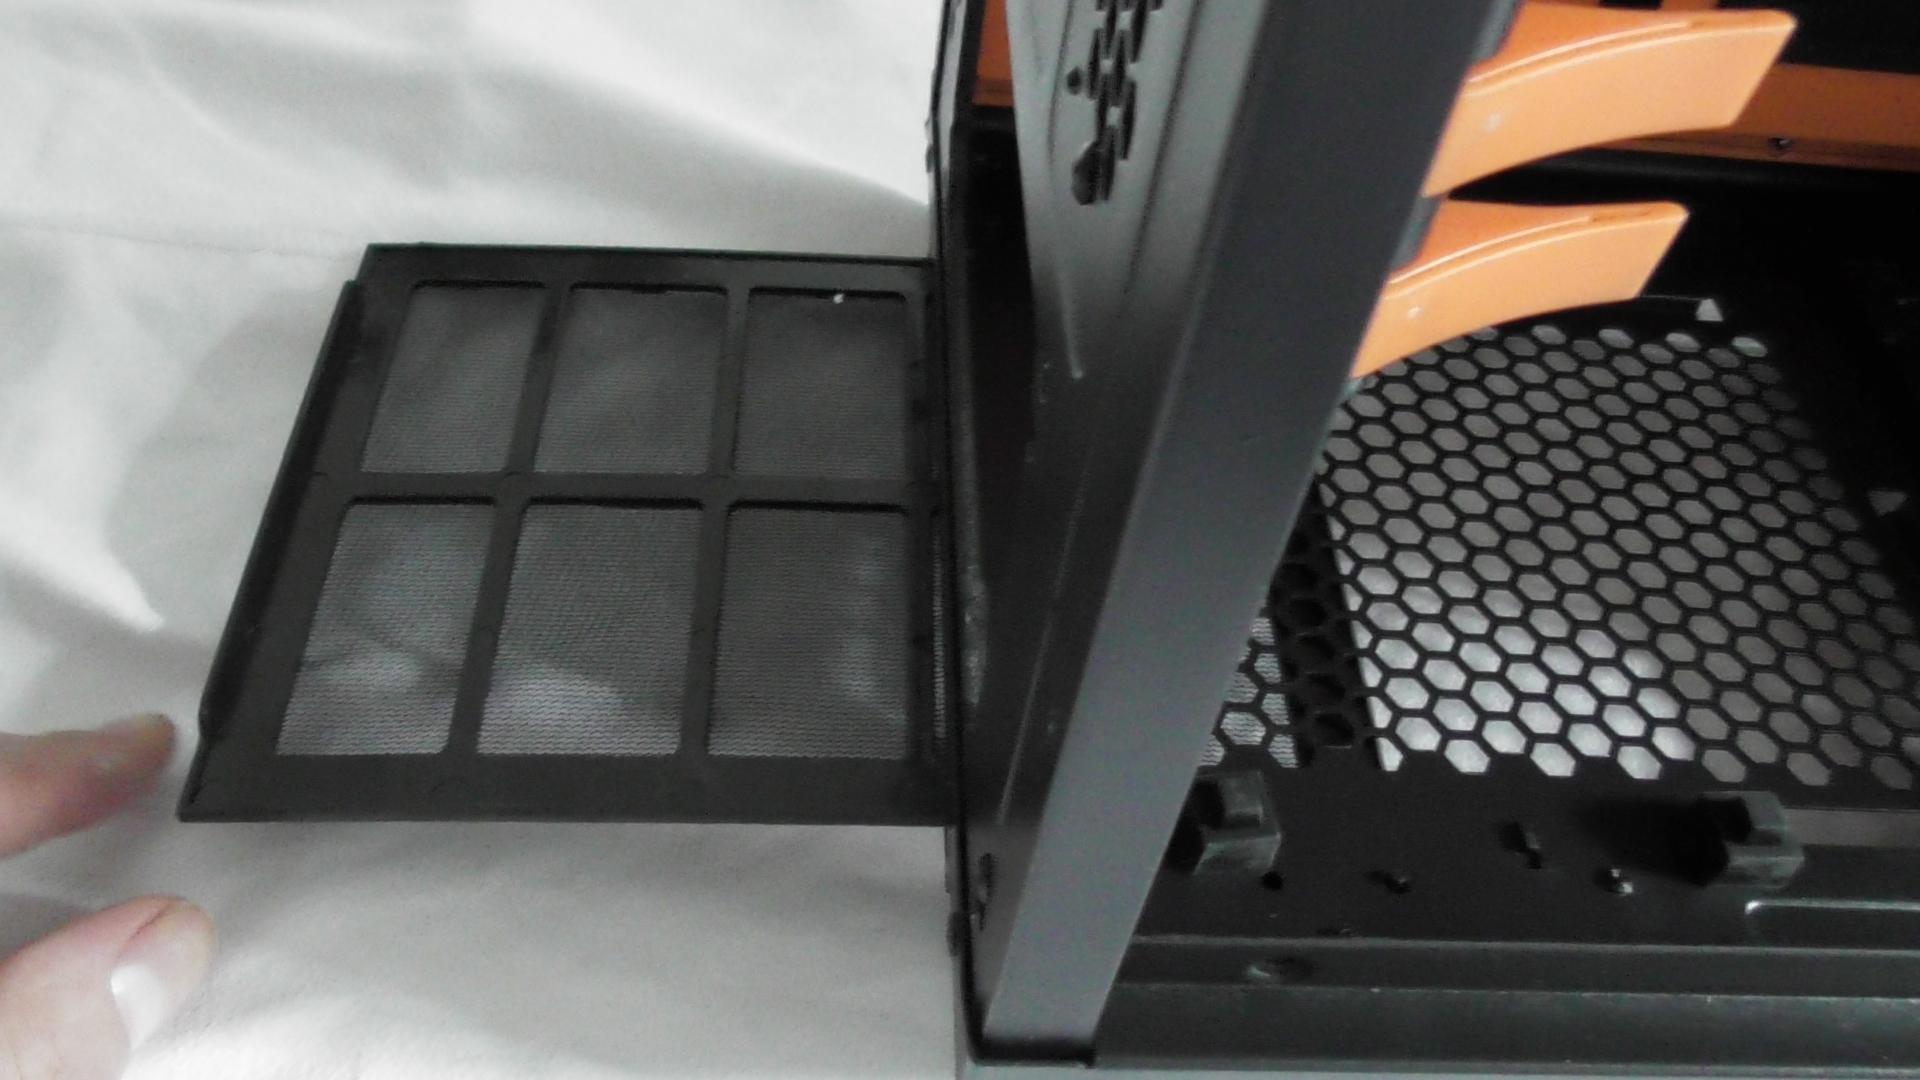 gaming computer zusammenstellen und bauen onlinegamezone. Black Bedroom Furniture Sets. Home Design Ideas